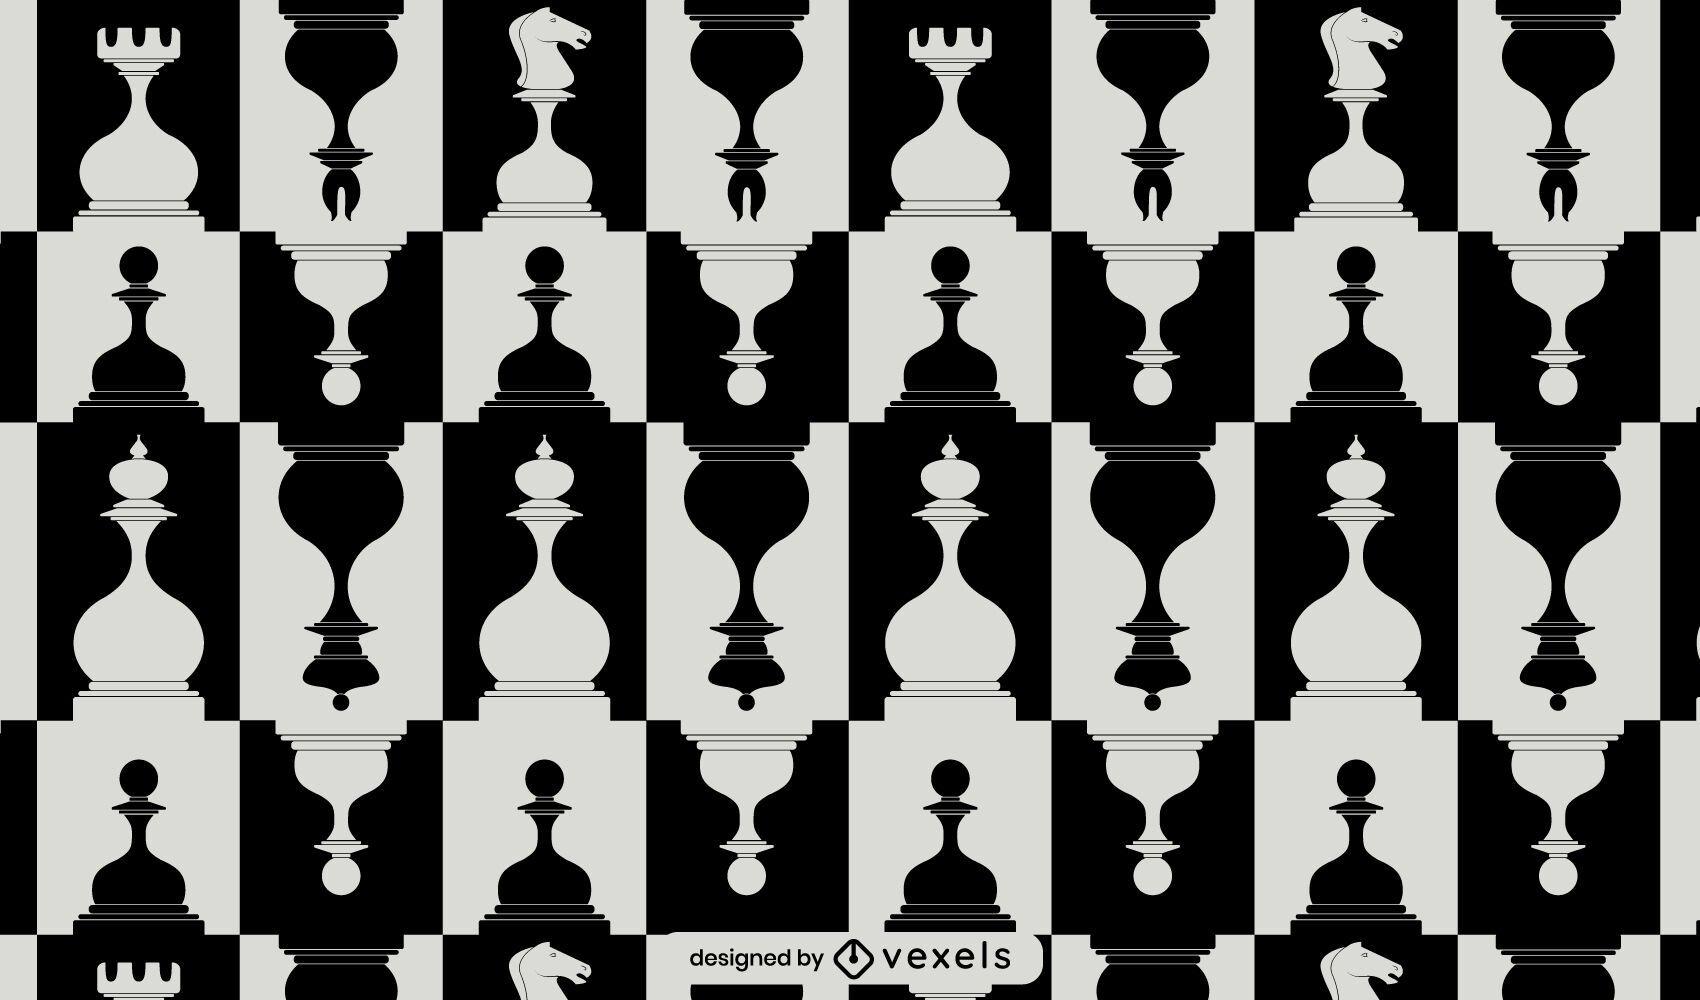 Padrão de peças de xadrez preto e branco